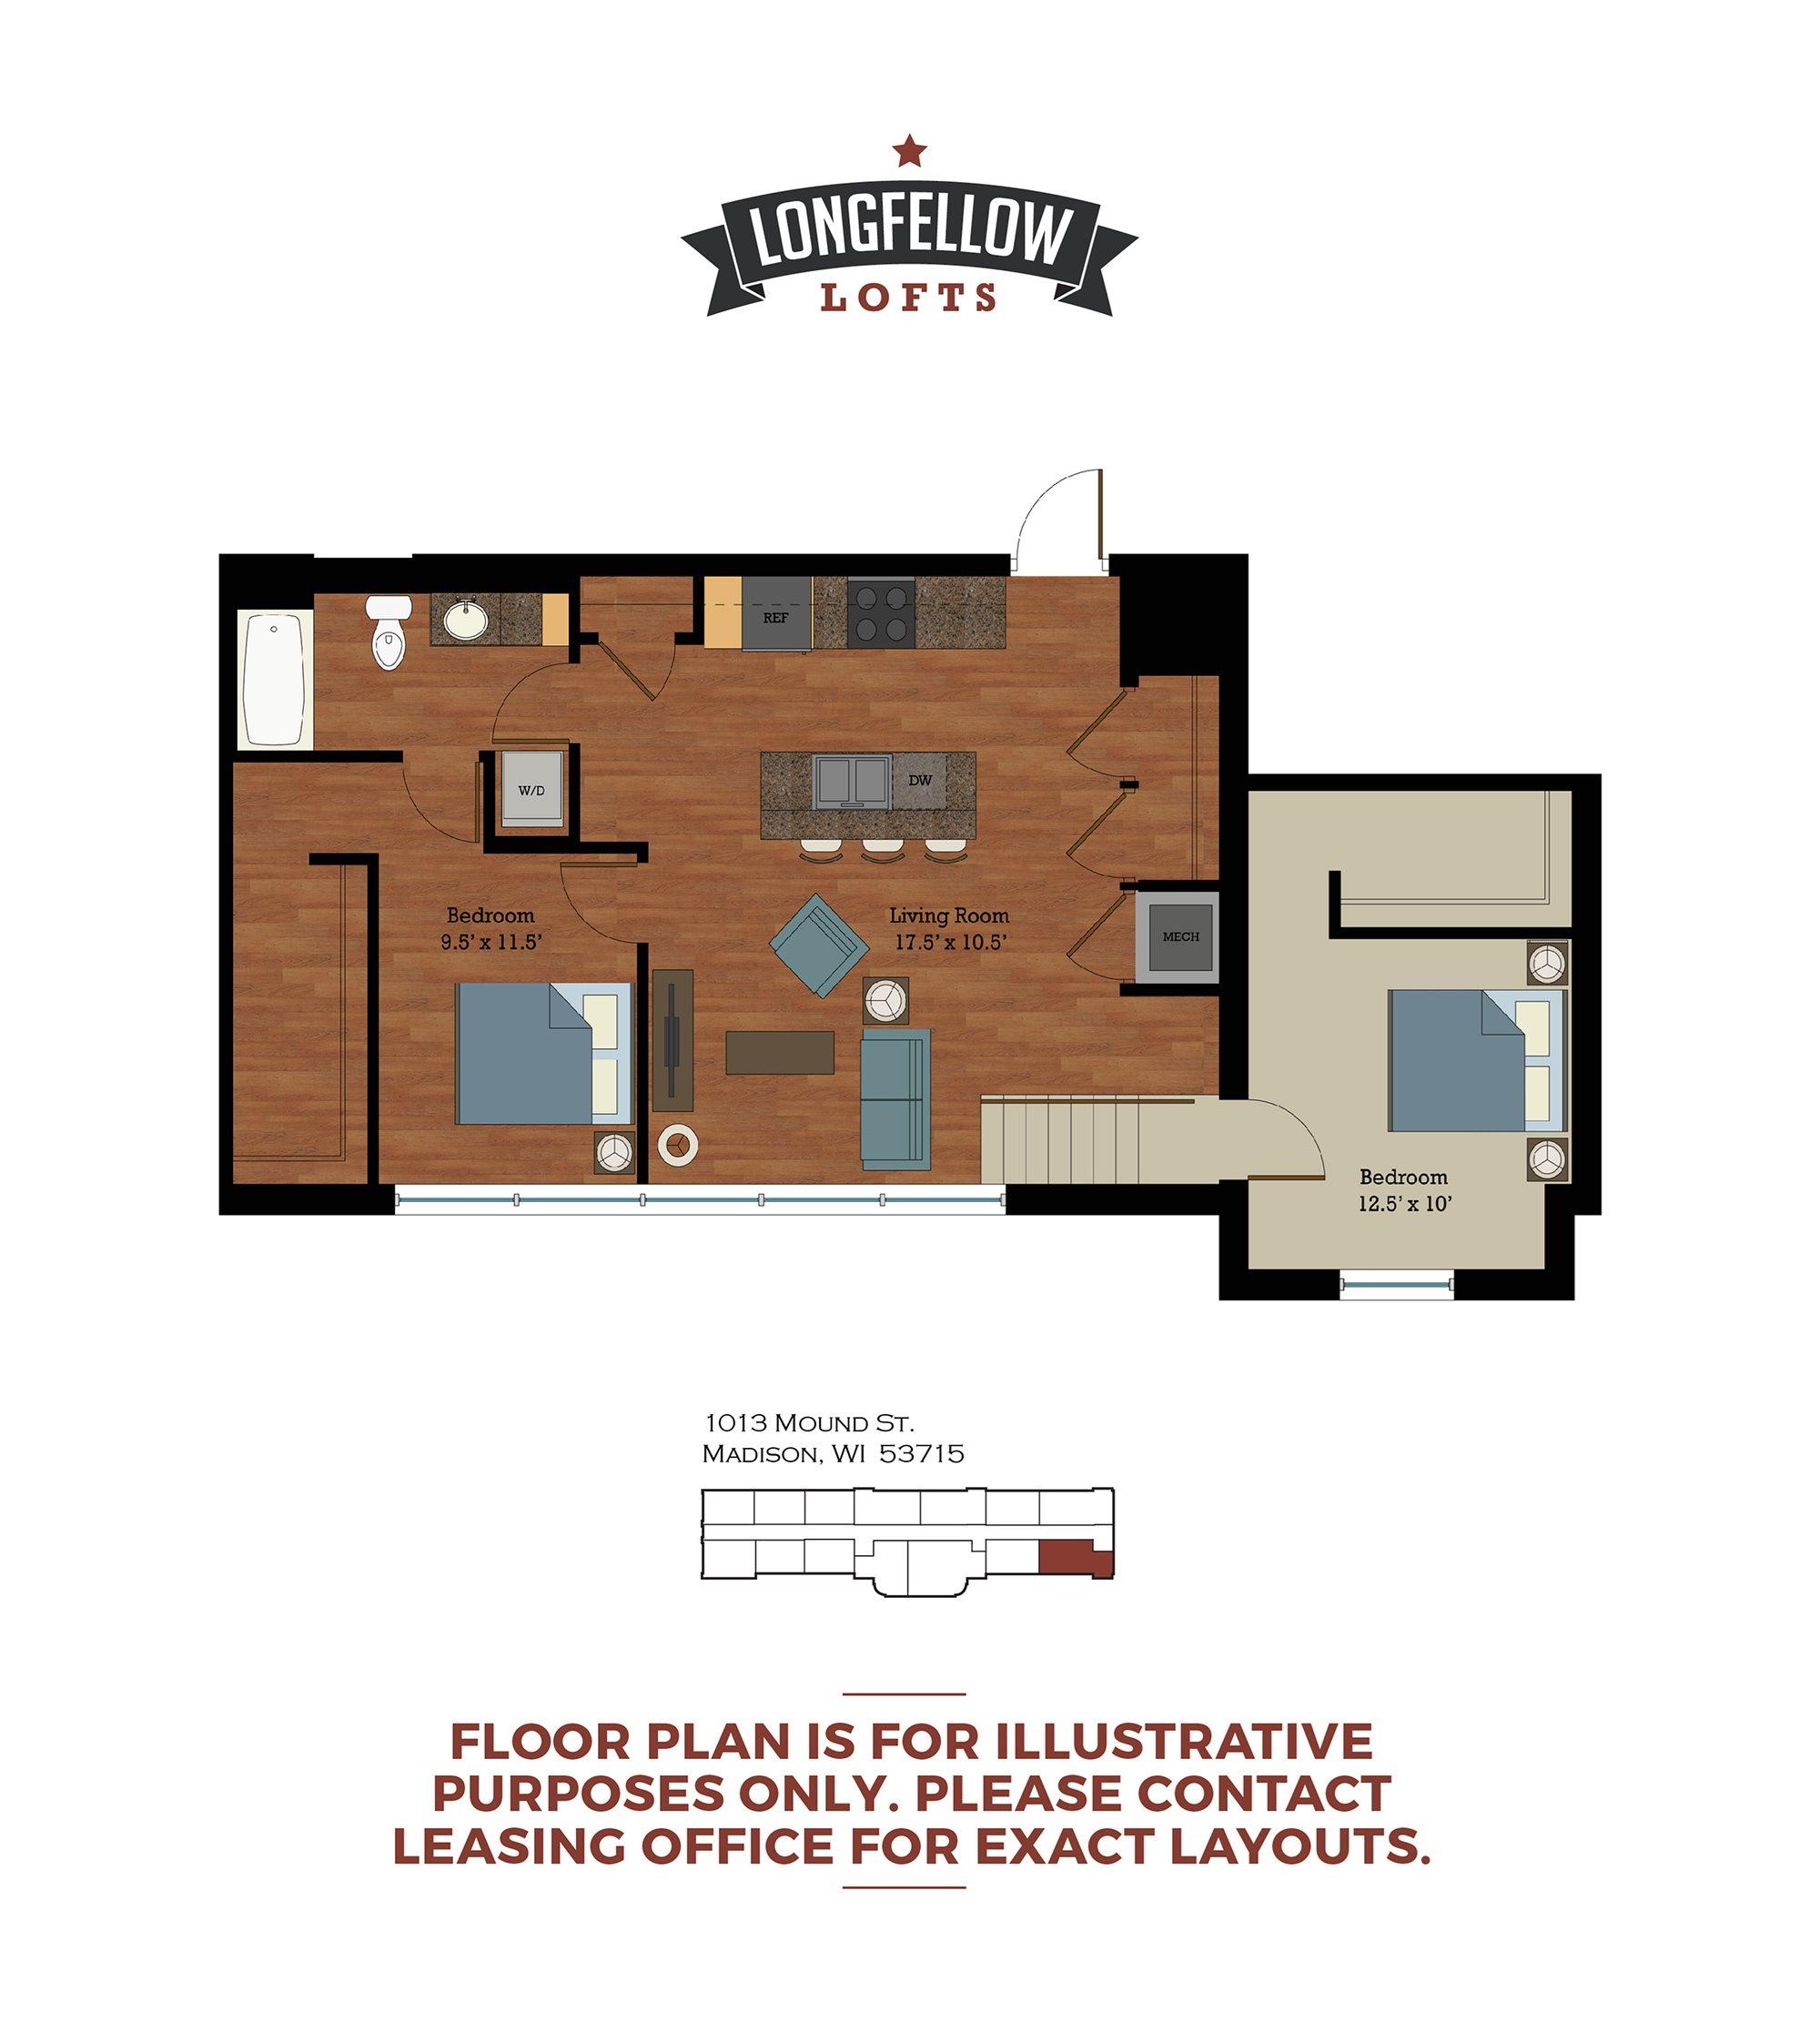 Historic - 2 Bedroom 1 Bath Floor Plan 2